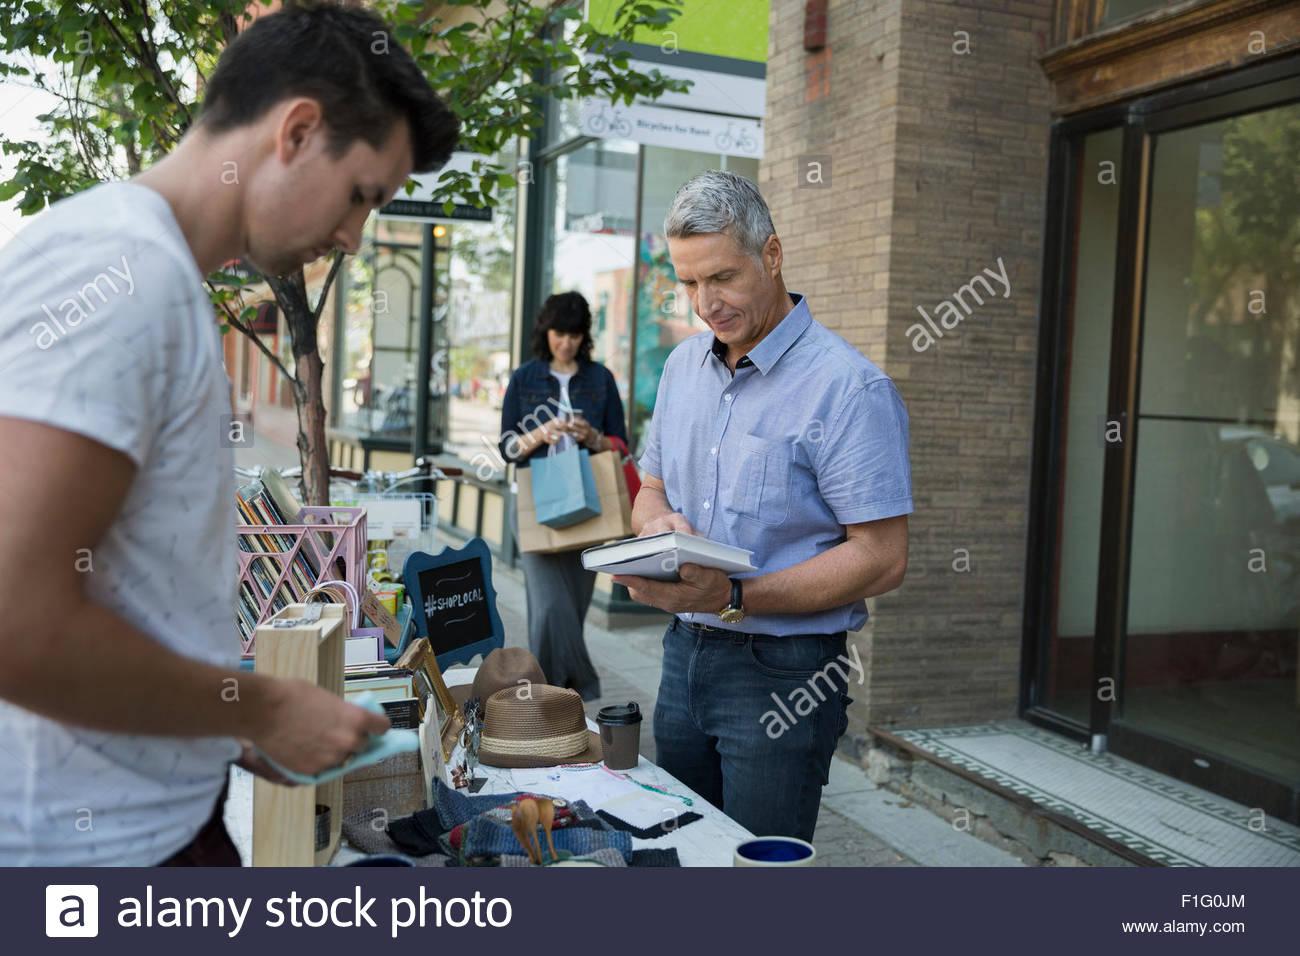 L'homme parcourt livre à vente-trottoir Banque D'Images